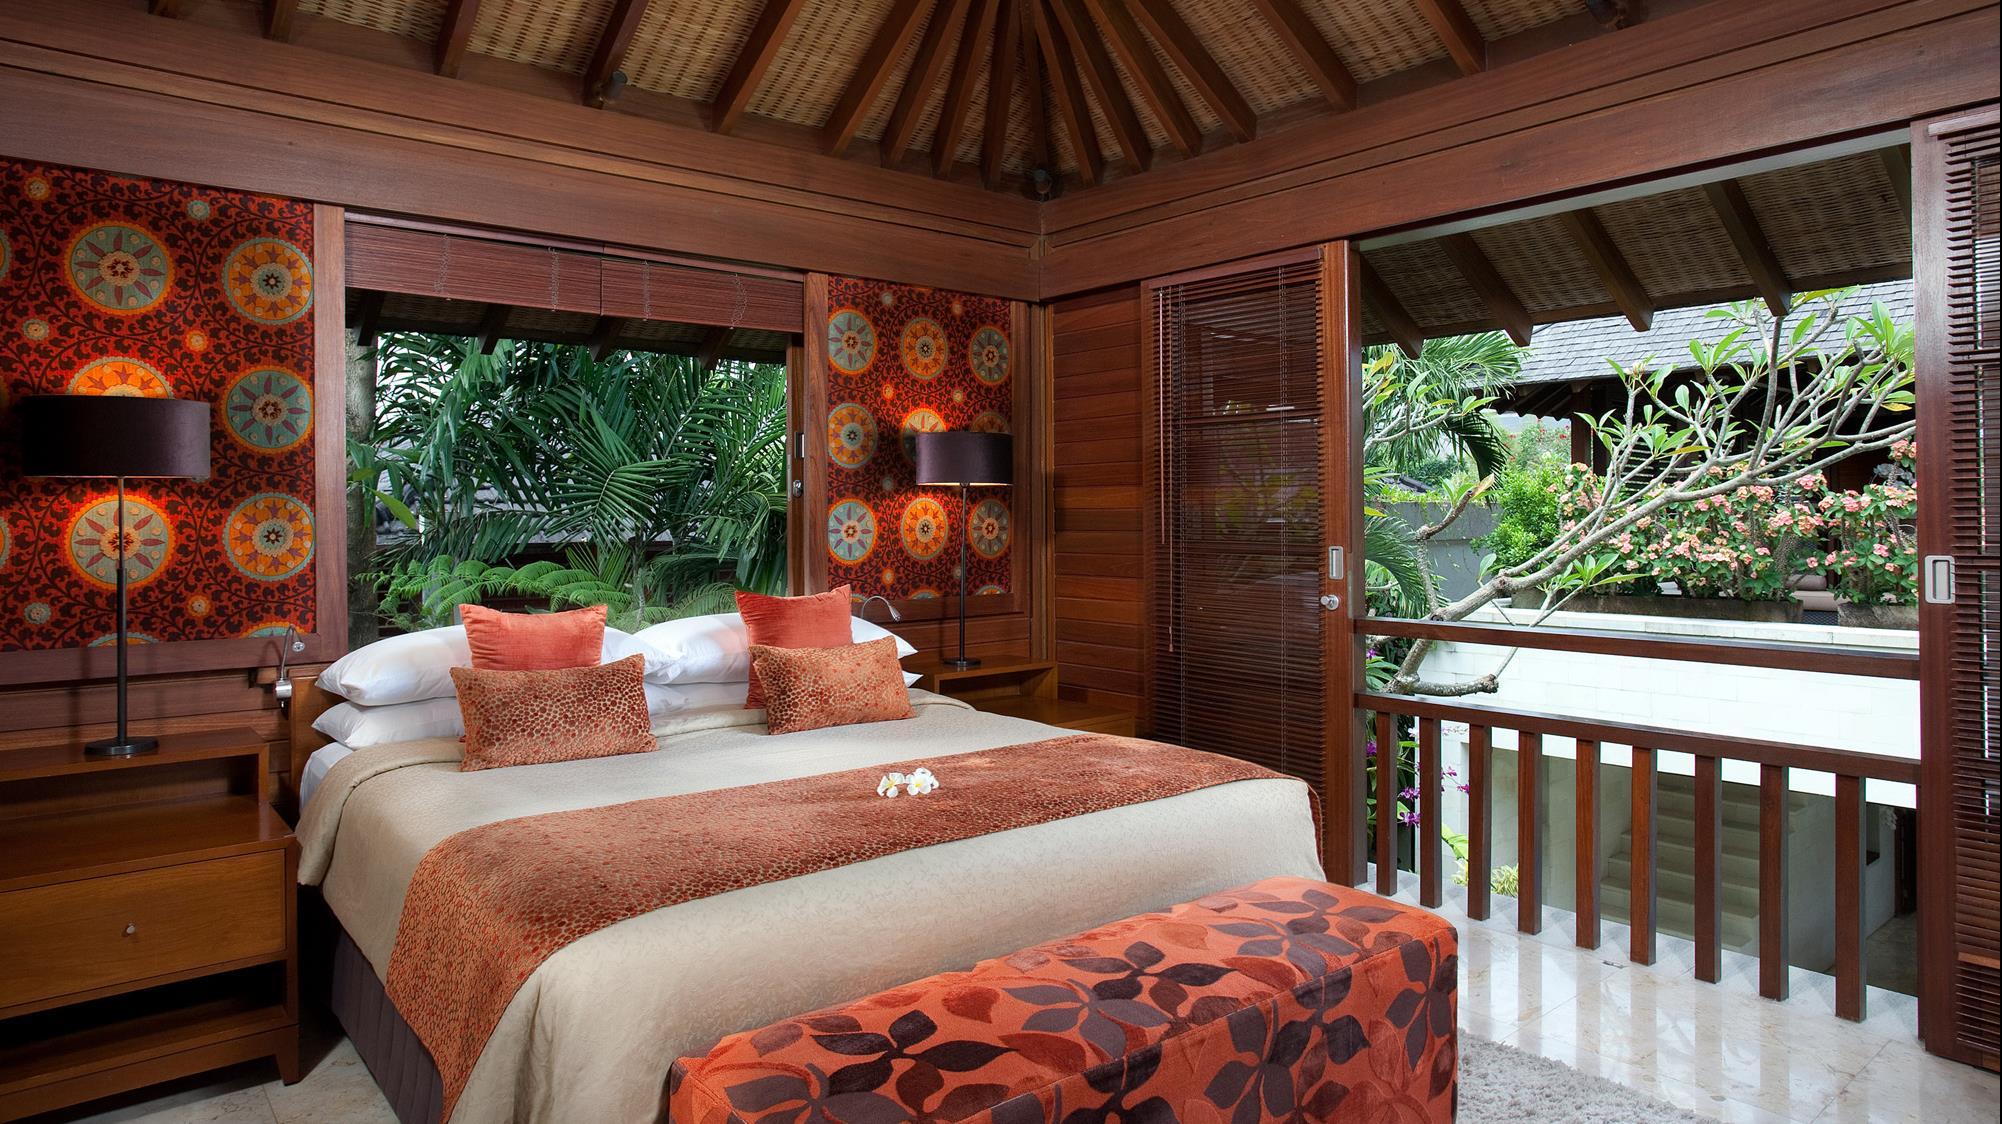 Bedroom with View - Villa Shinta Dewi - Seminyak, Bali